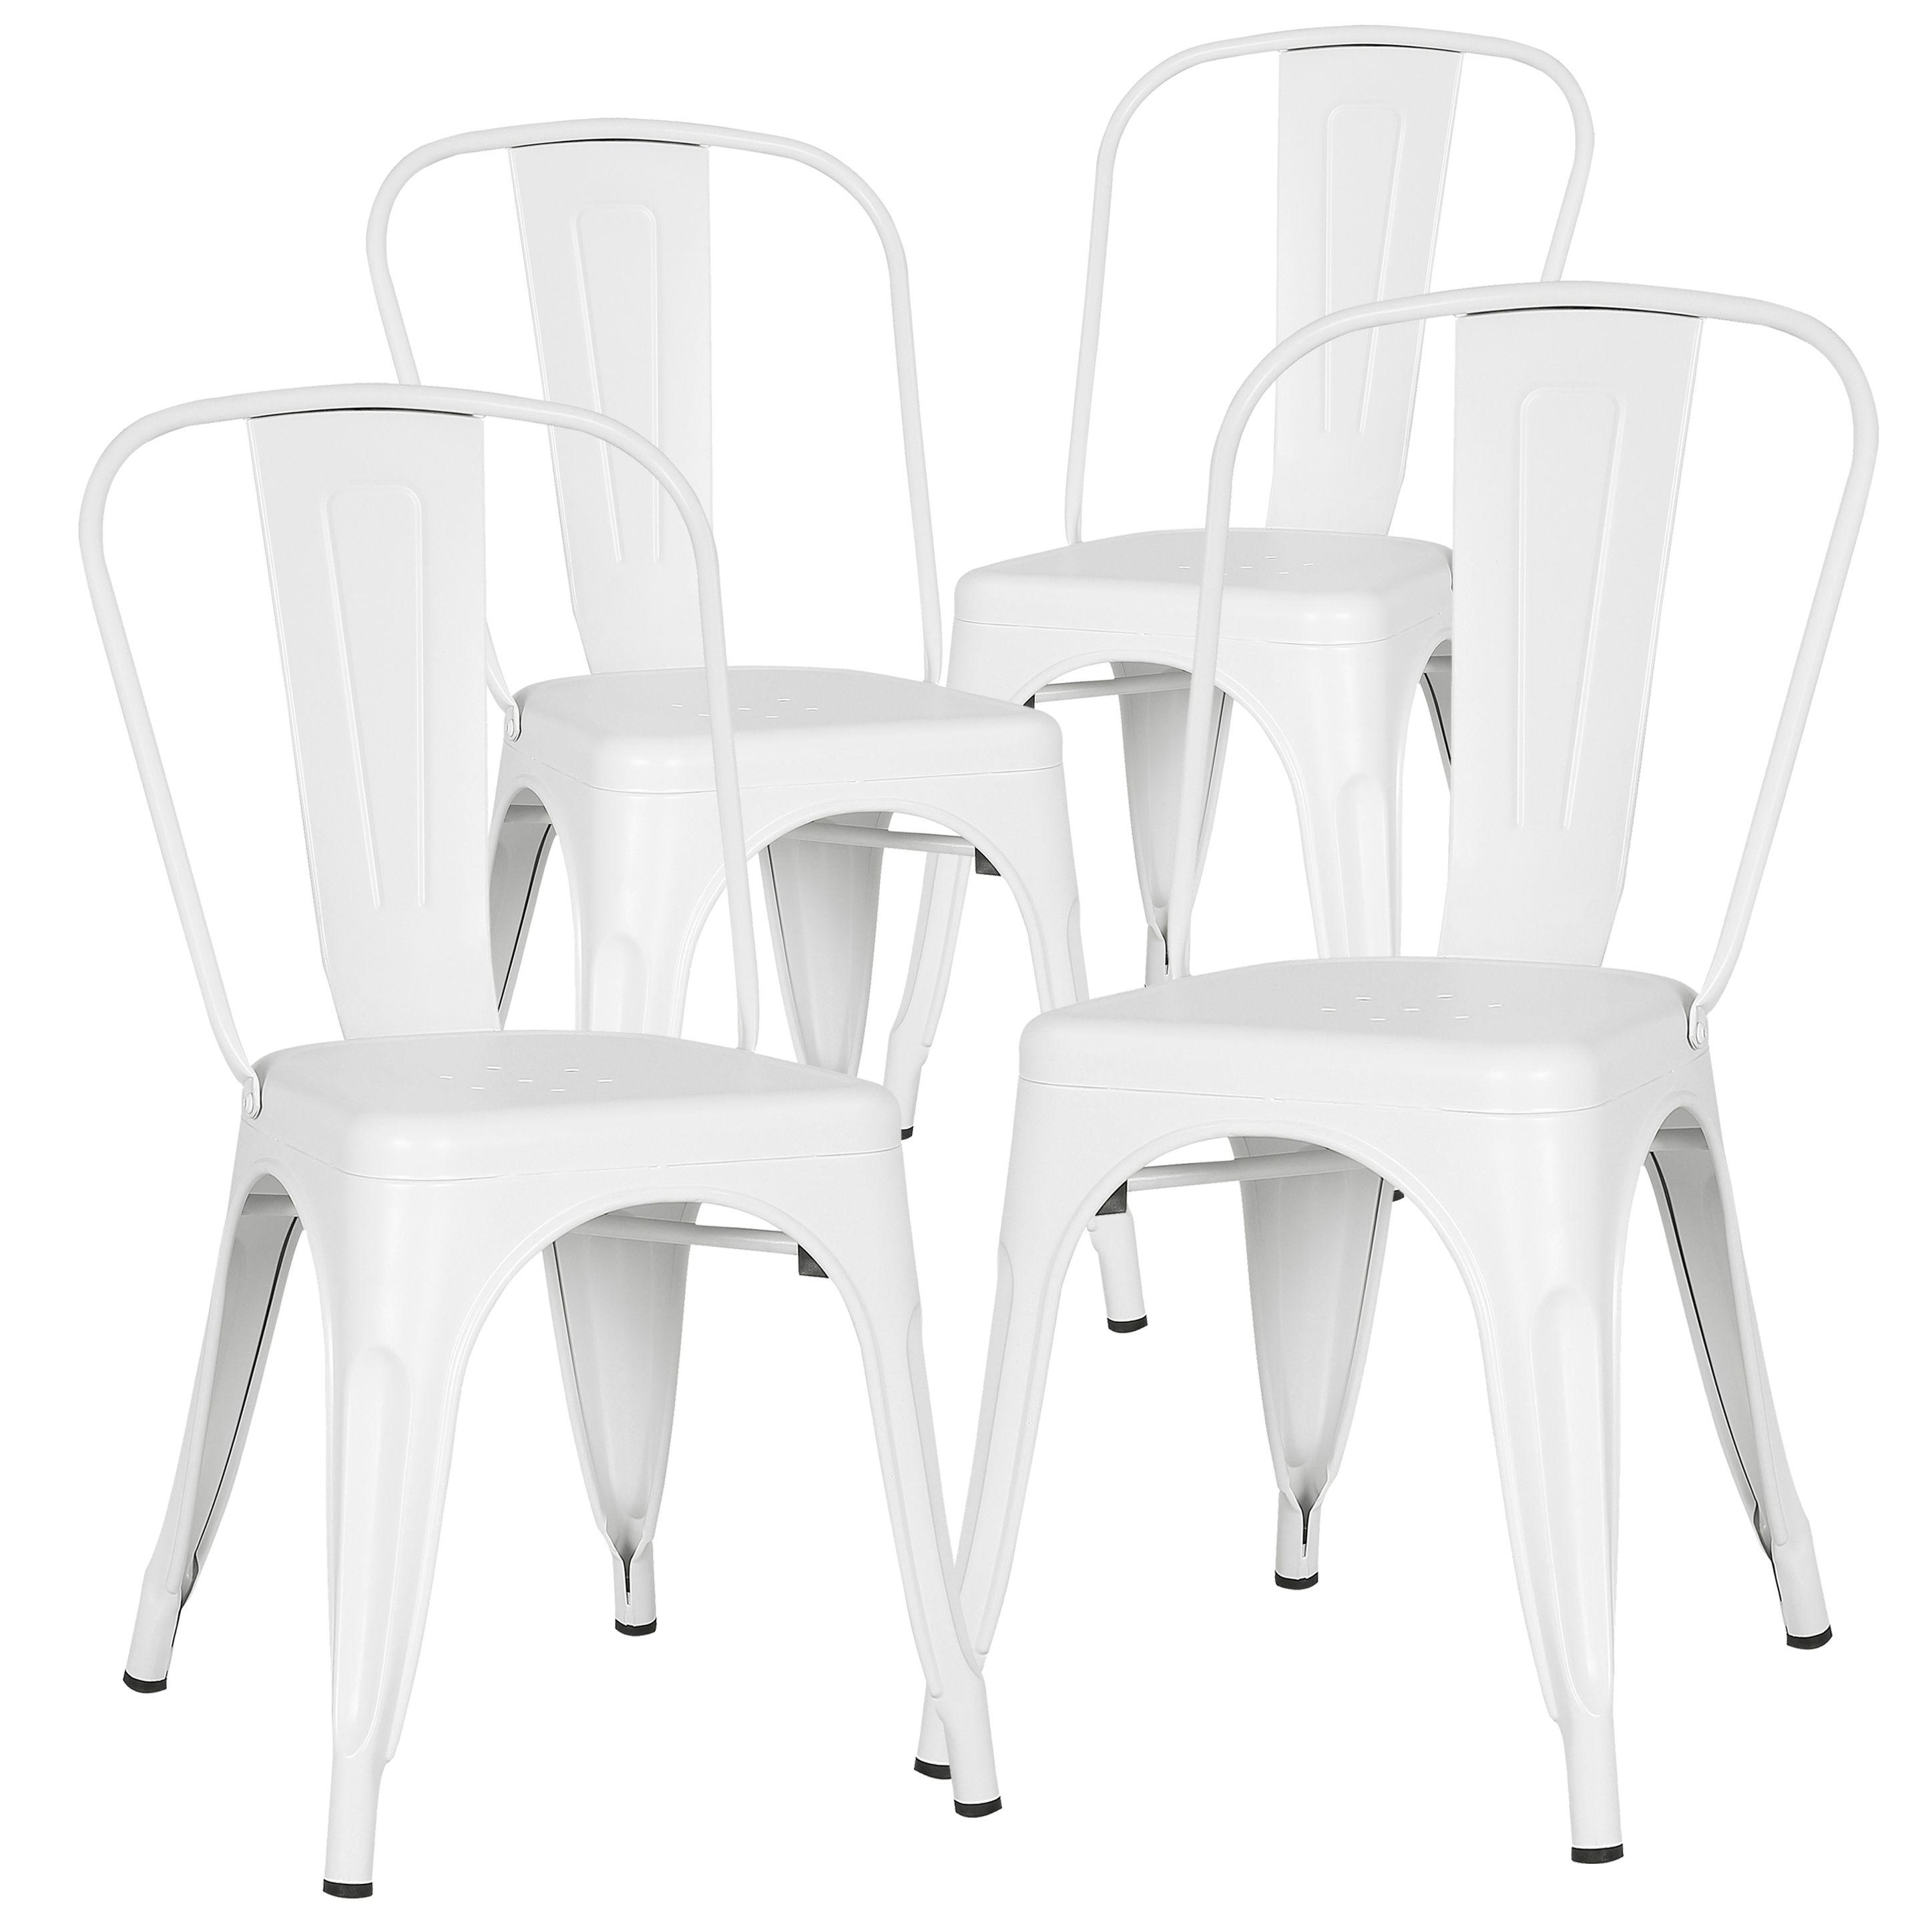 Edgemod trattoria side chair in white set of 4 walmart